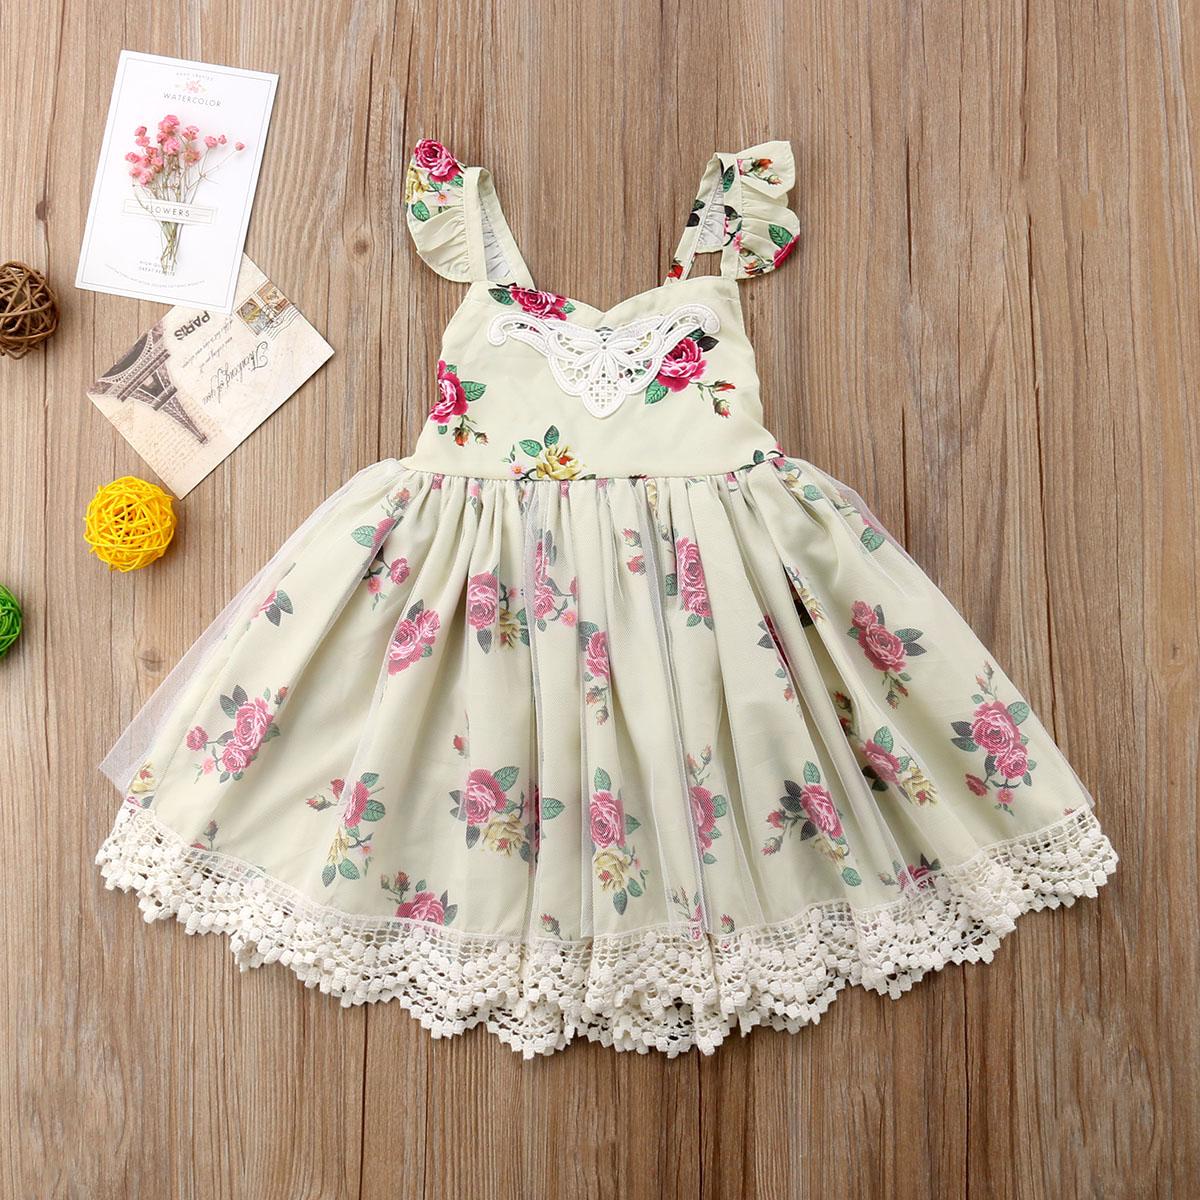 Toddler Baby Girls Off Shoulder Tutu Skirt Floral Party Princess Dress 6-24M V2